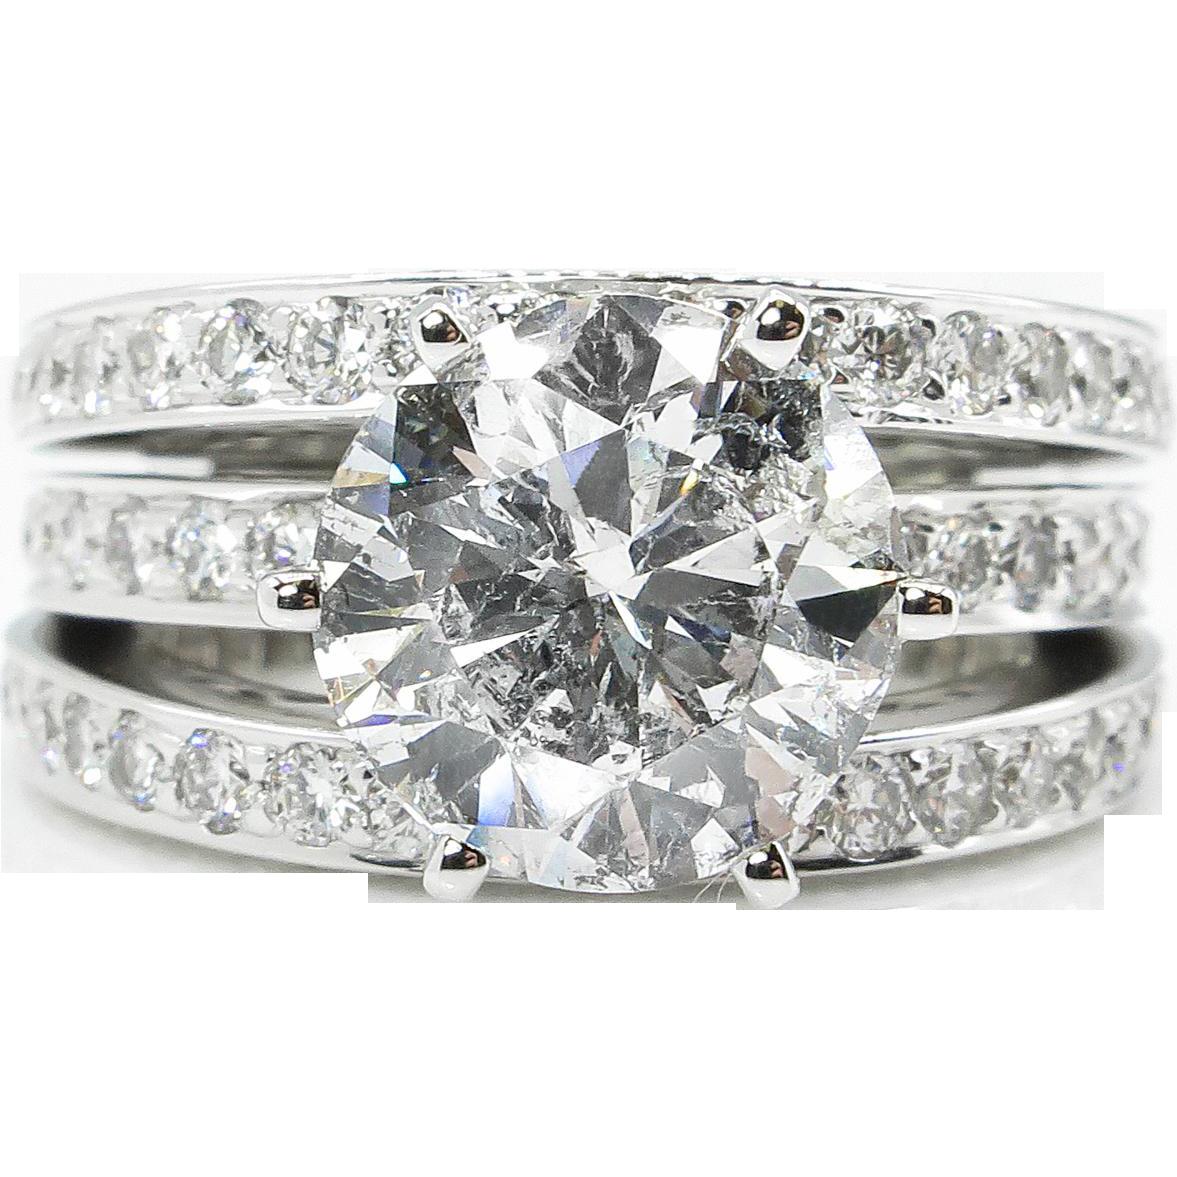 Diamond Engagement 18k White Gold Ring